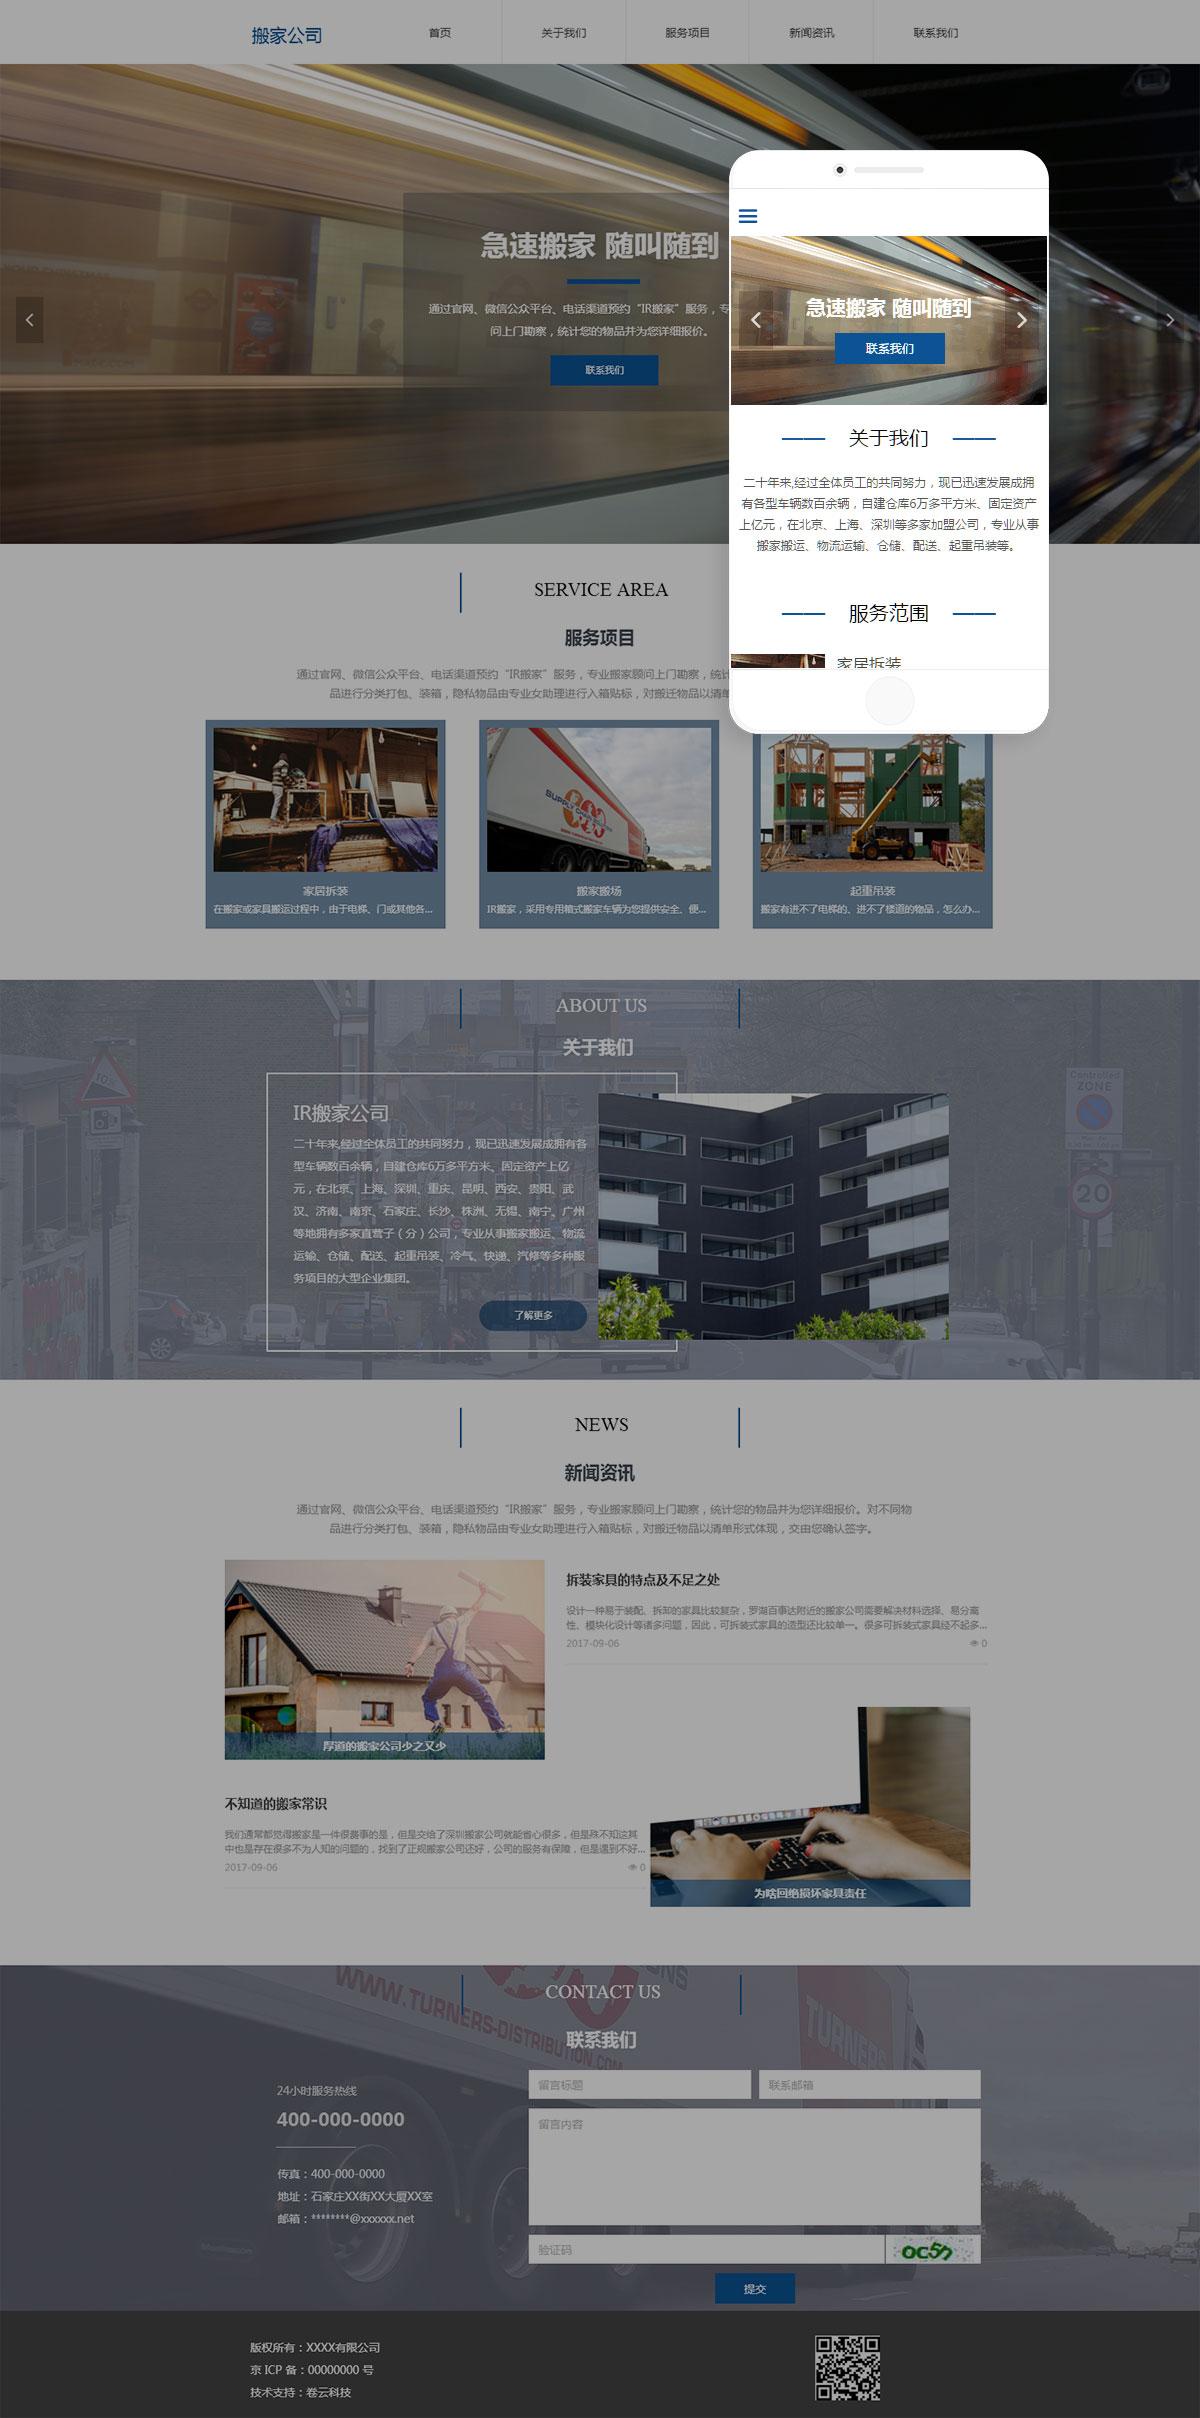 搬家公司网站项目案例